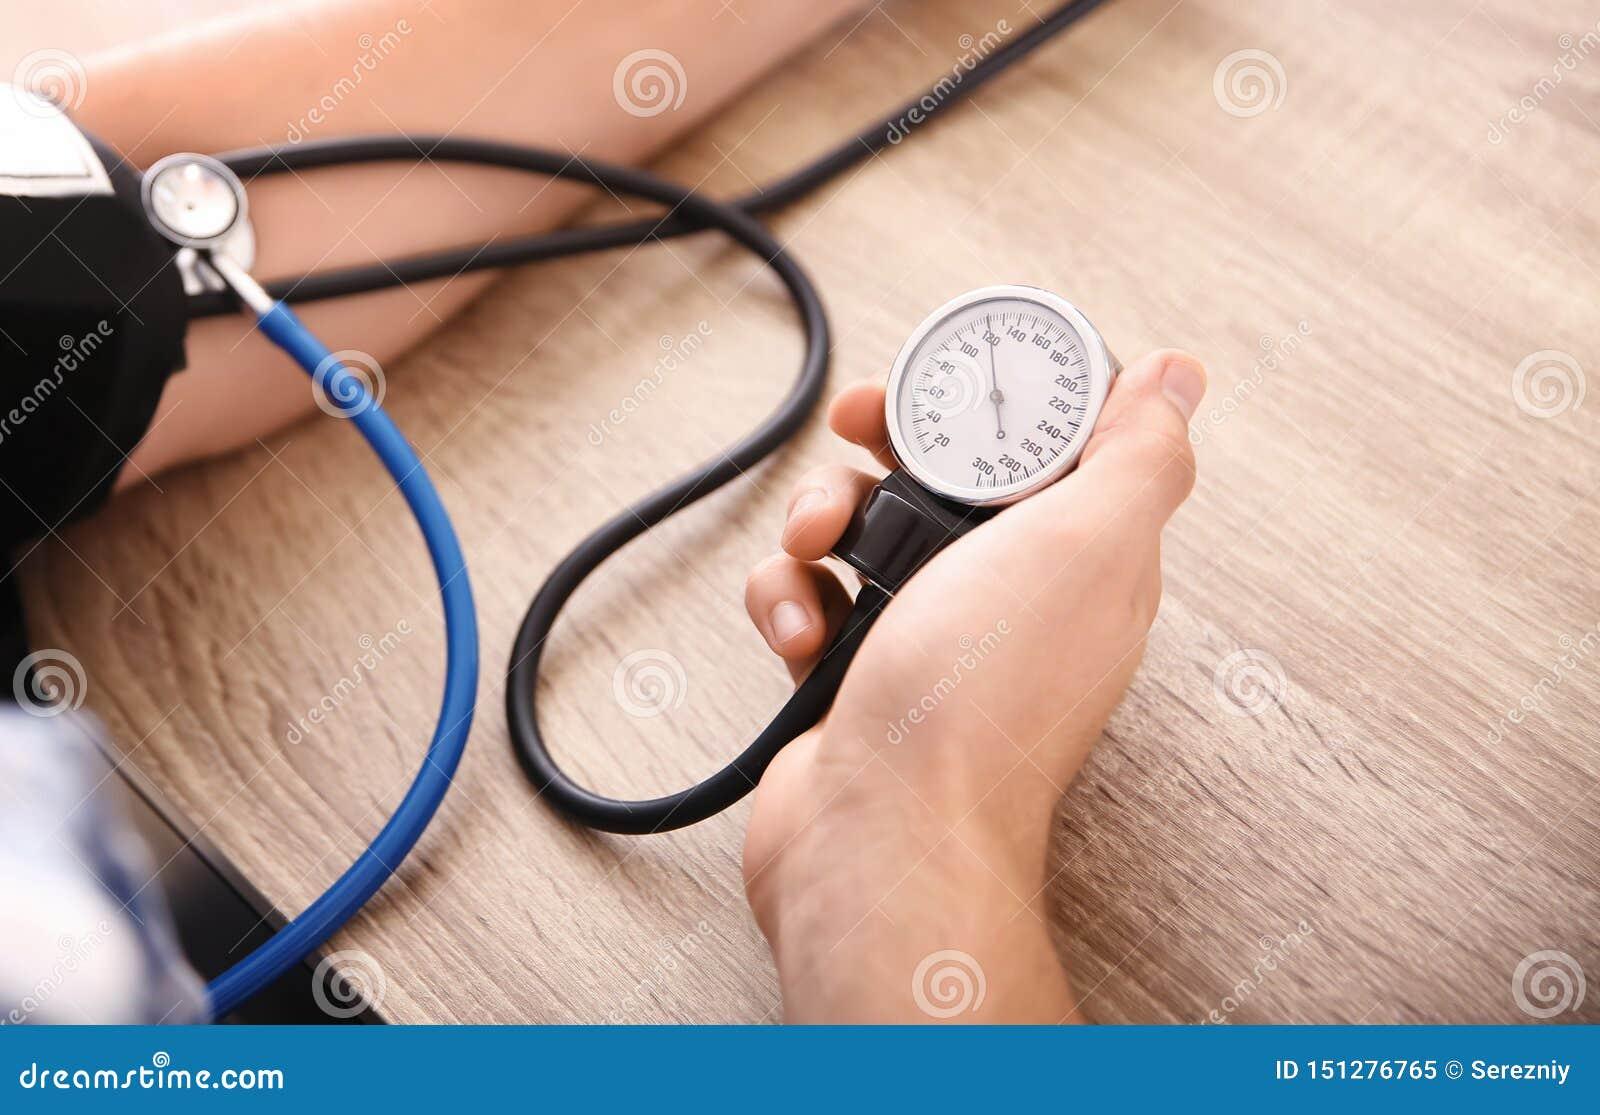 Giovane che misura la sua pressione sanguigna a casa